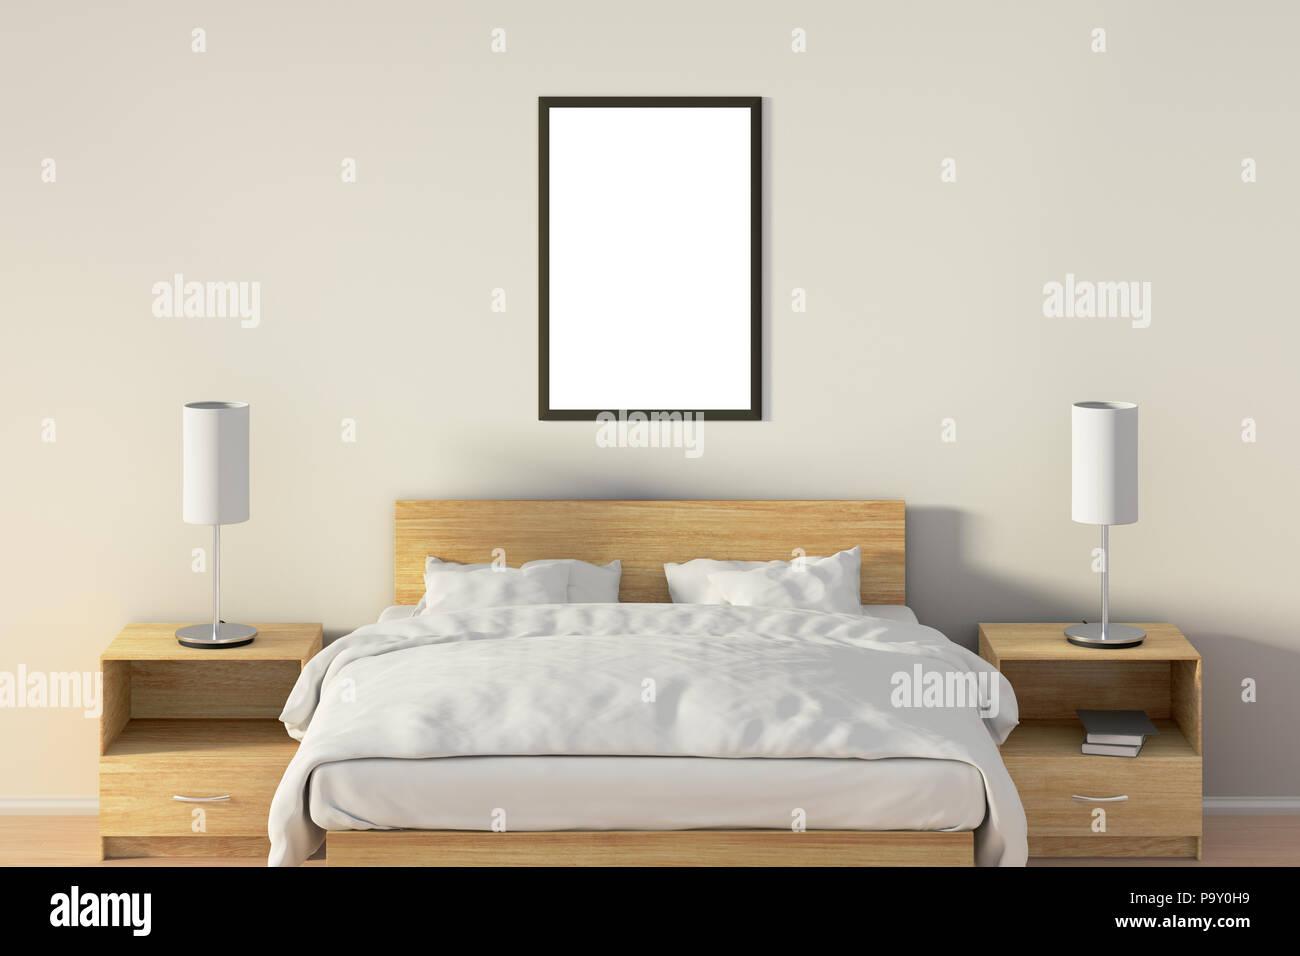 Vuoto poster verticale in camera da letto su letto di legno. Isolato ...